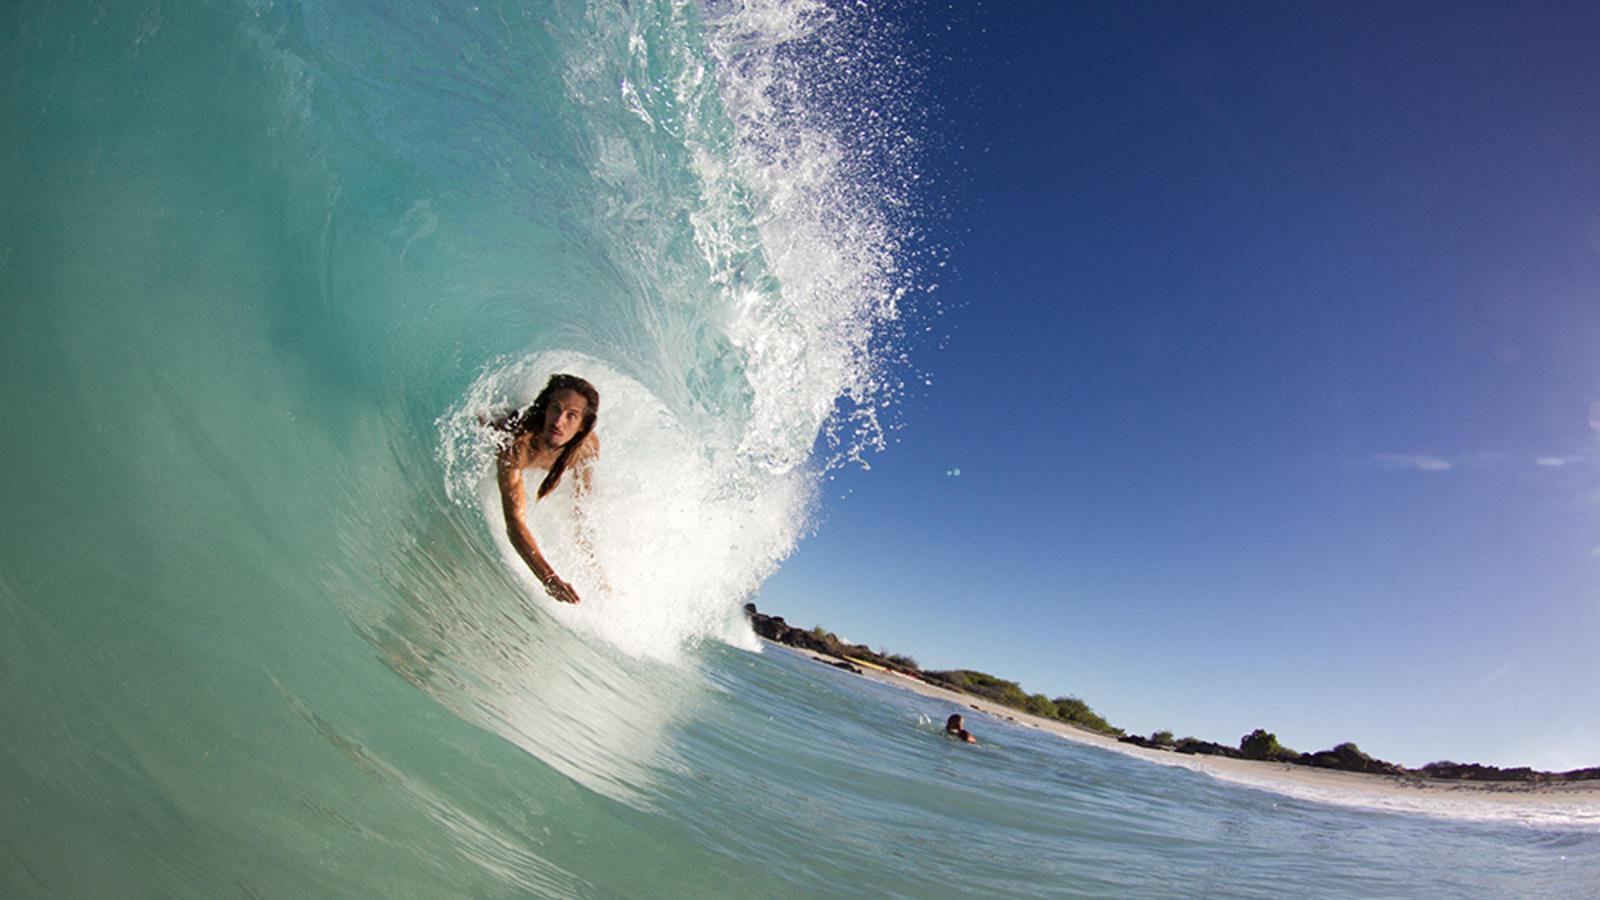 Hurley-Rob-Wave